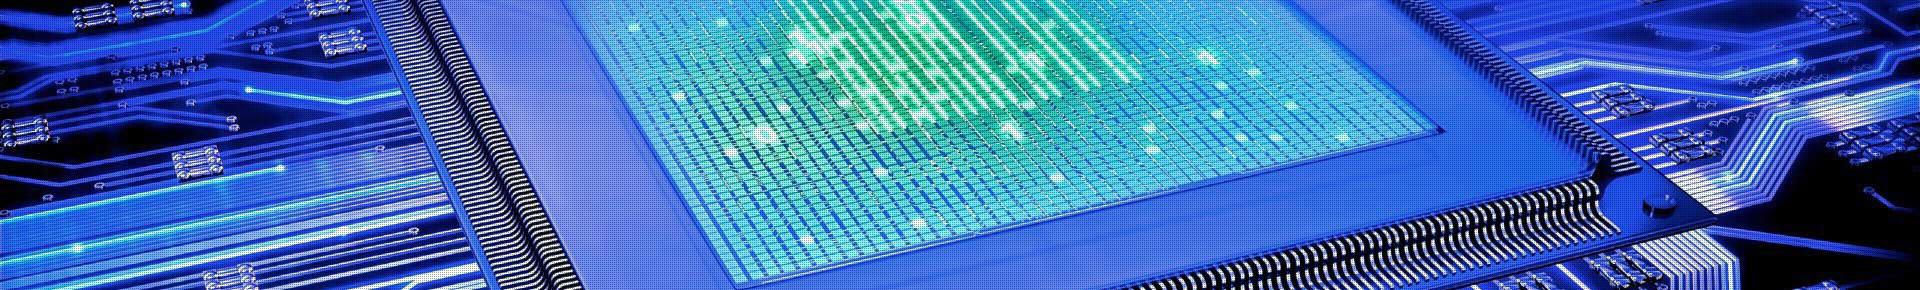 processore-dots